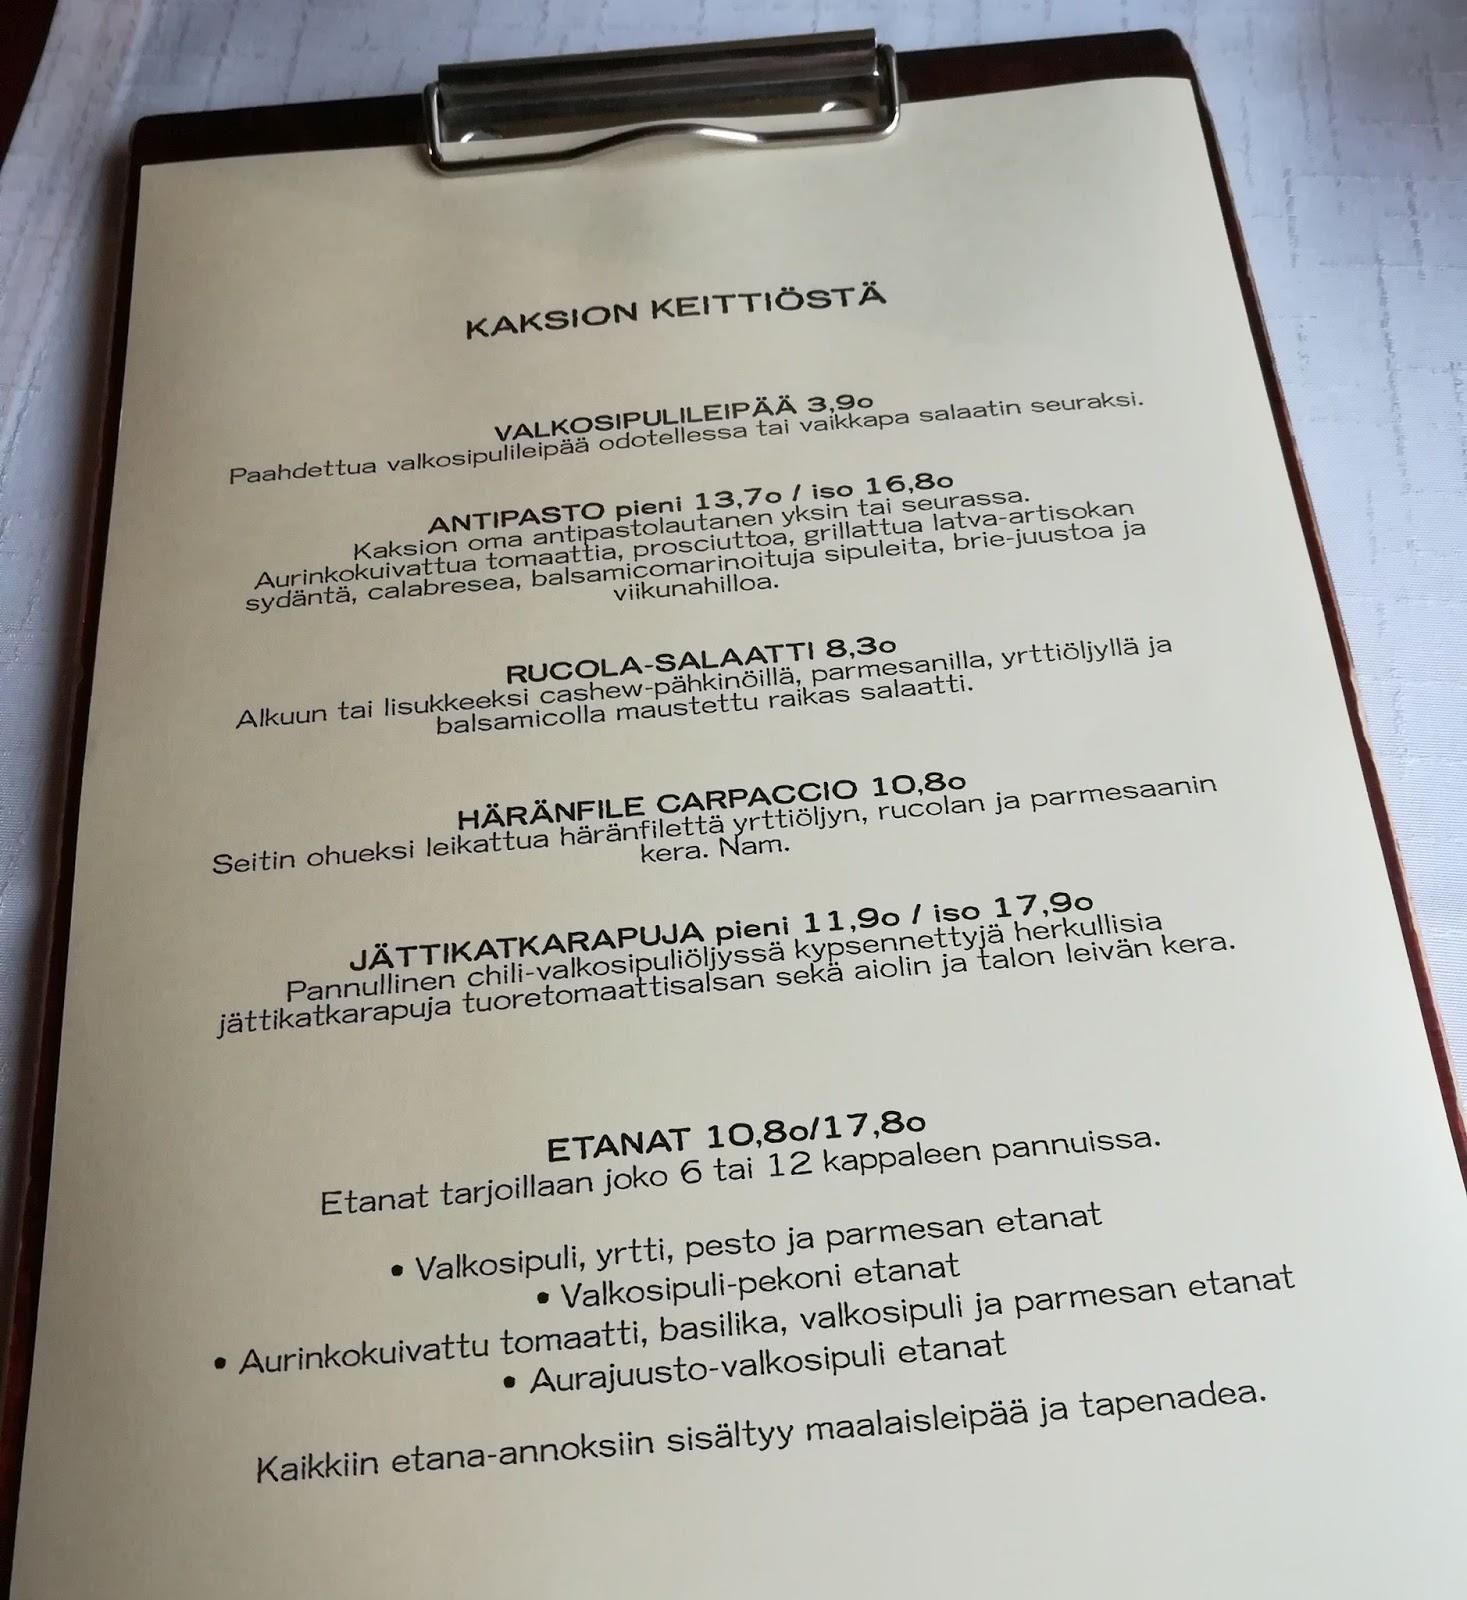 2h+k kaksio tampere ravintola arvostelu mallaspulla maistelee ruokablogi menu